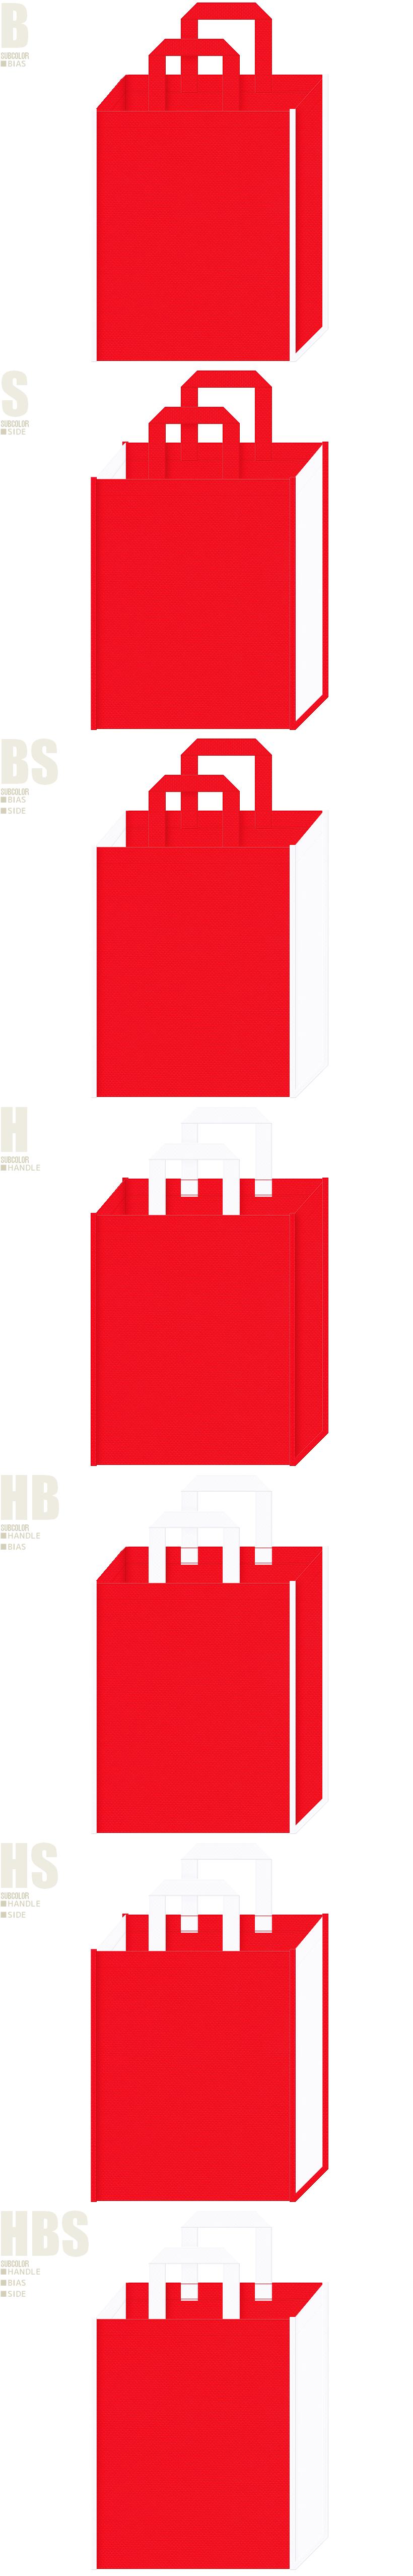 救急用品・レスキュー隊・消防団・献血・医療施設・病院・医療セミナー・婚礼・お誕生日・ショートケーキ・サンタクロース・クリスマスにお奨めの不織布バッグデザイン:赤色と白色の配色7パターン